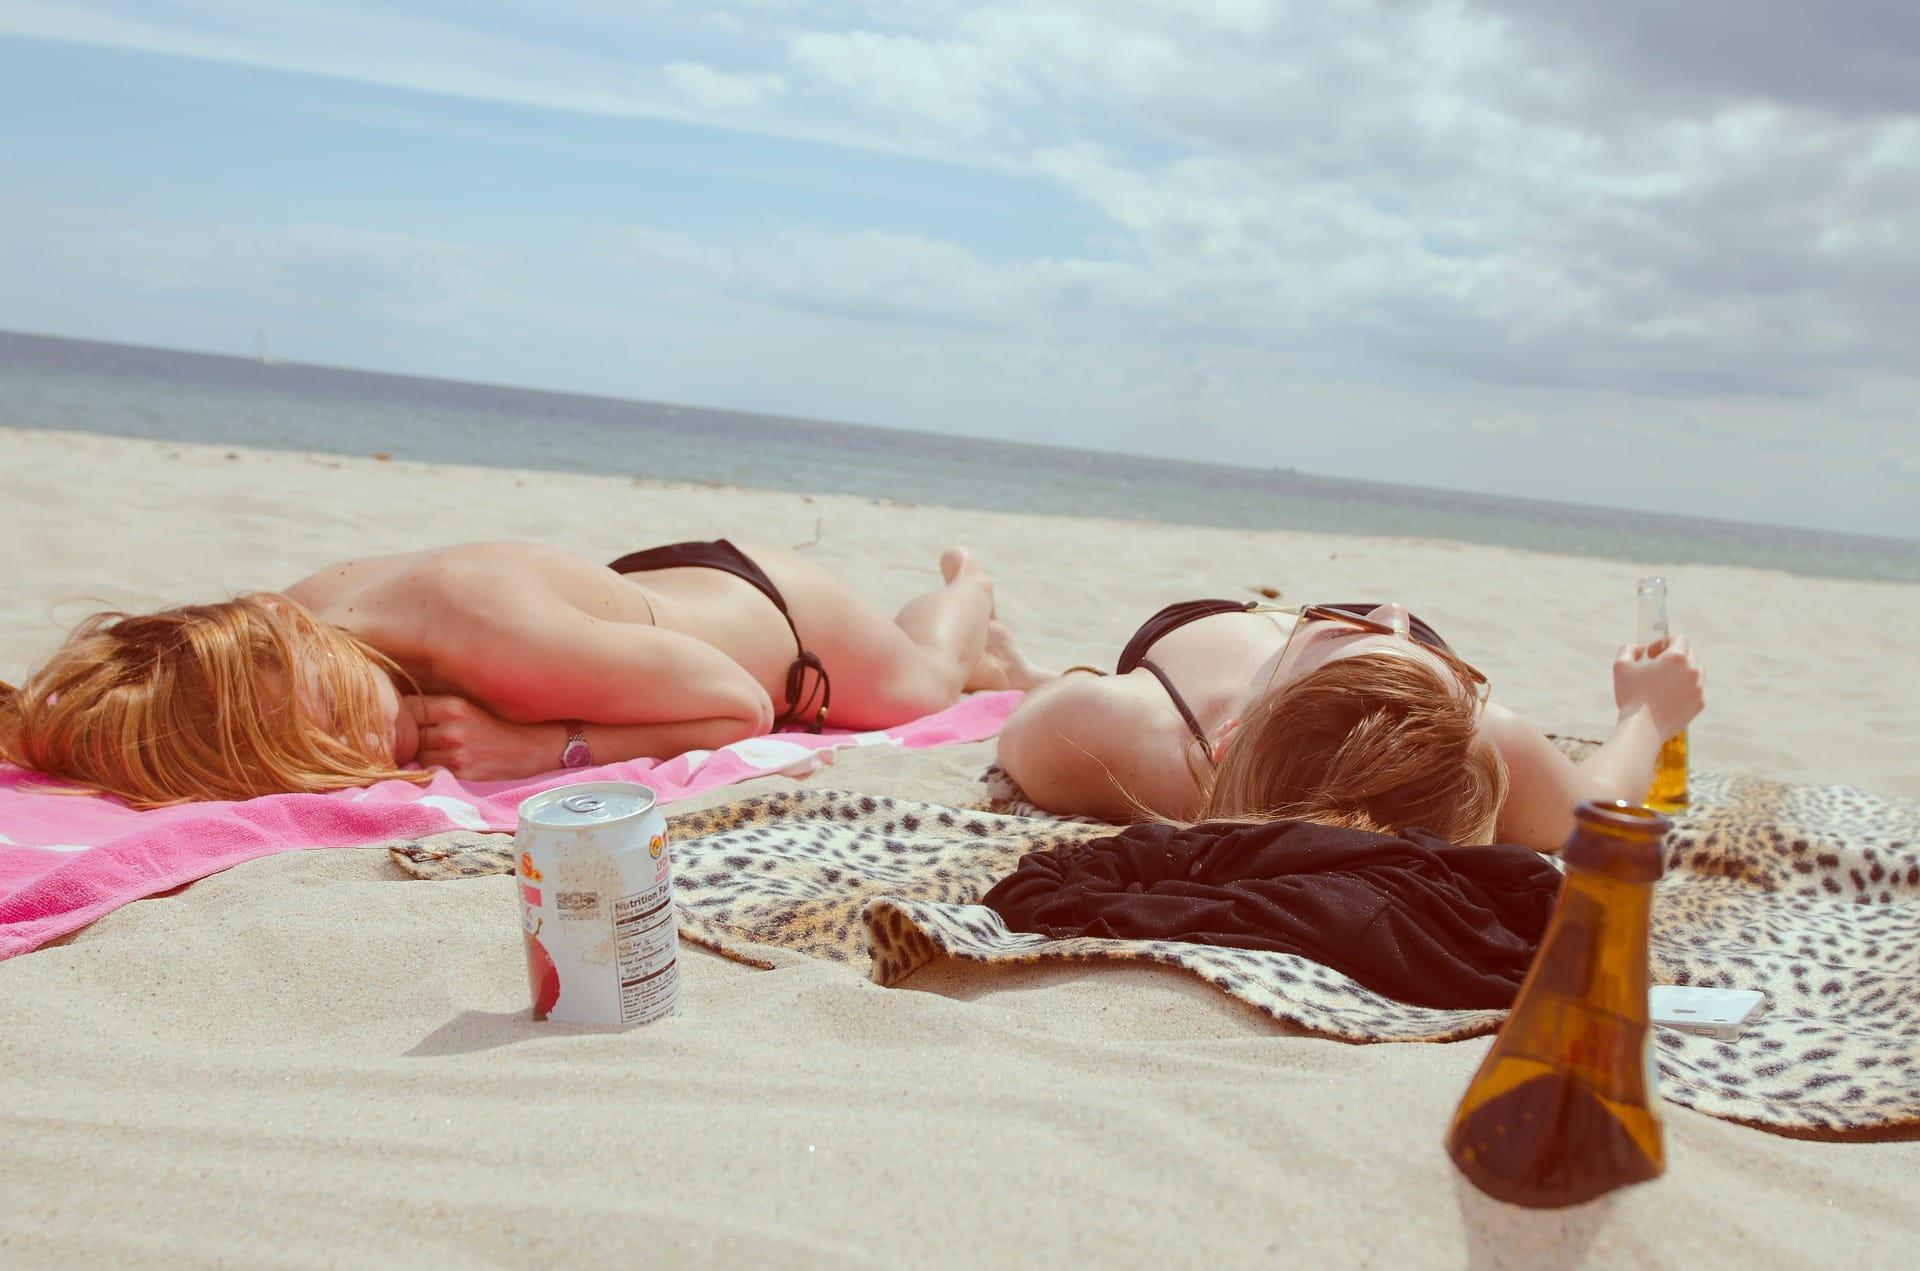 Zonnestraling is verantwoordelijk voor 80% van de huidveroudering ~ Refleqtclinic.nl